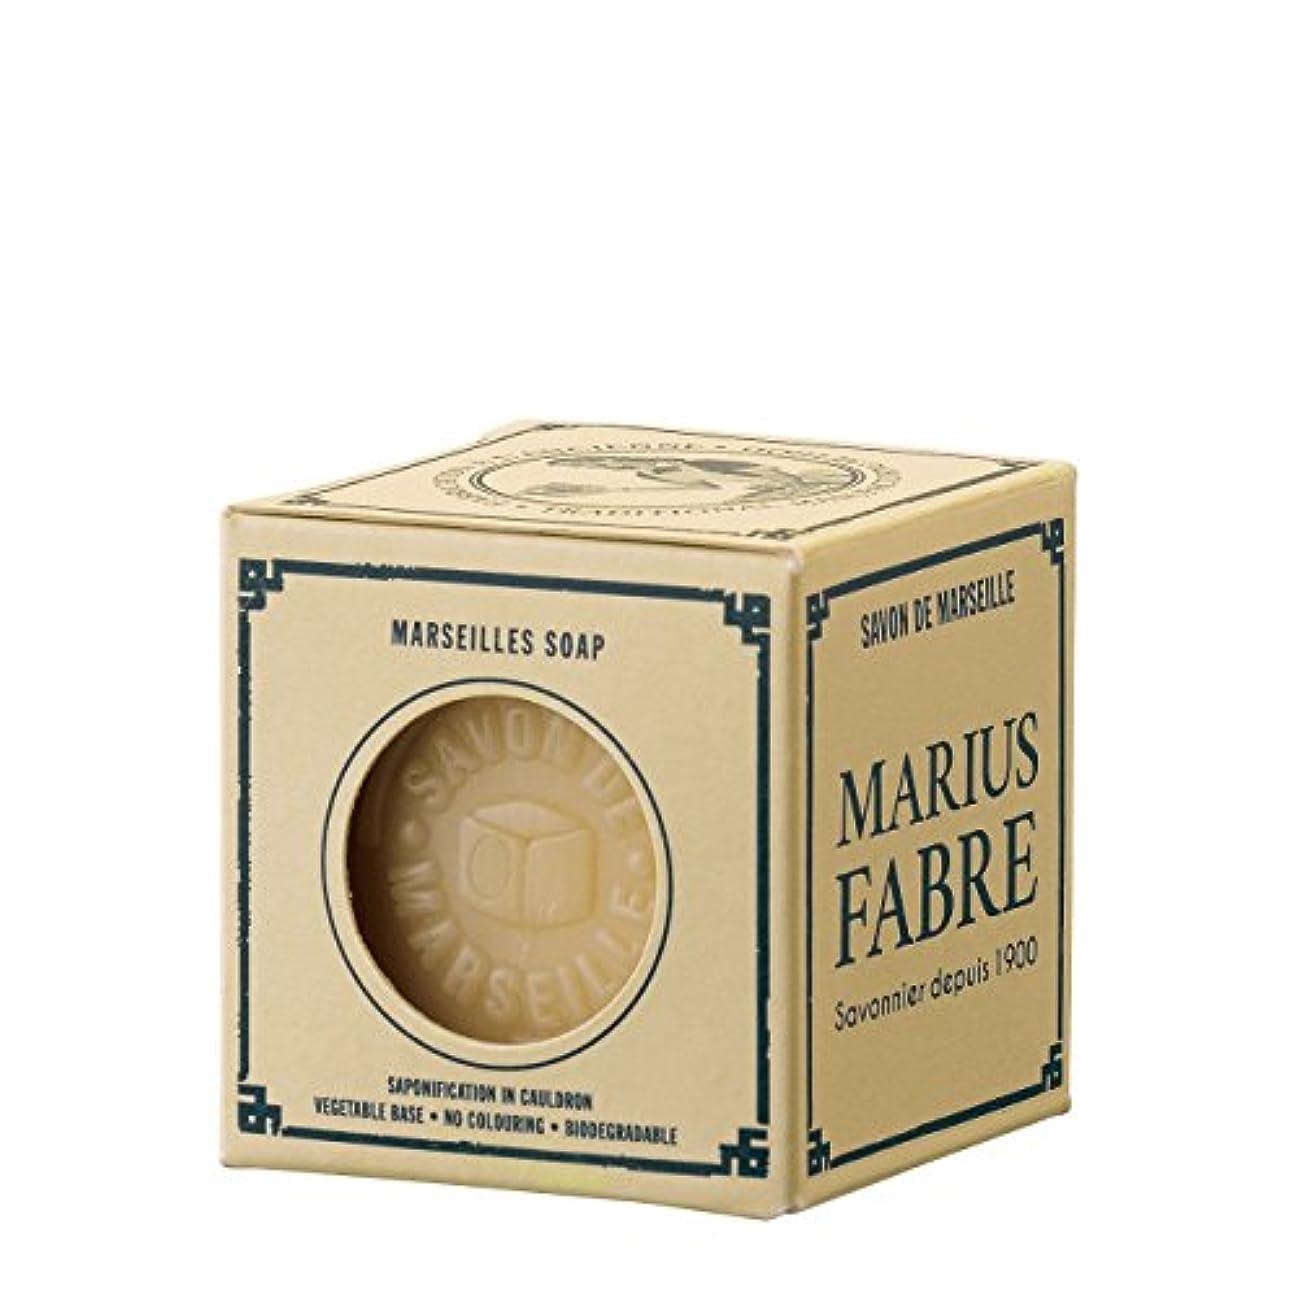 感嘆符金属テストサボンドマルセイユ ネイチャー パーム (100g)